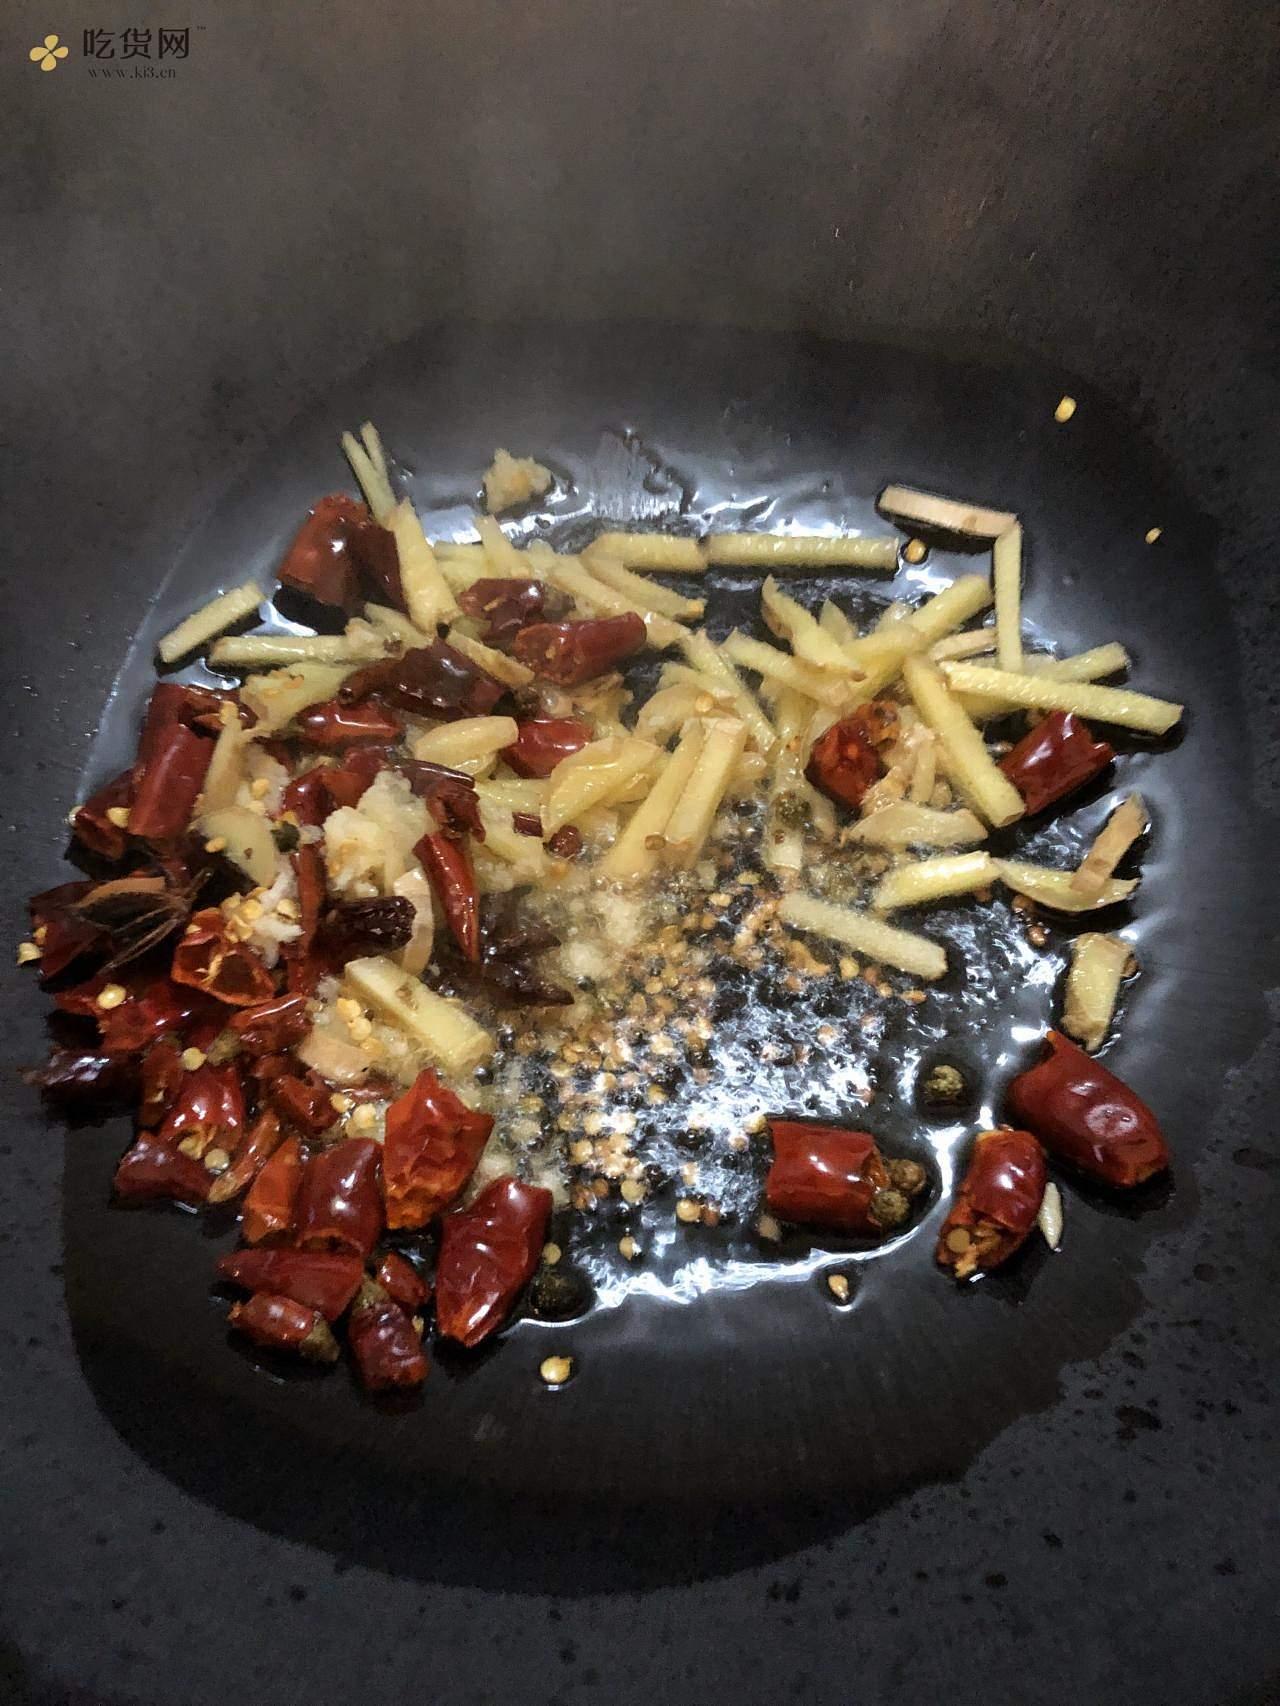 麻辣小龙虾尾「辣度⭐⭐⭐⭐⭐ 」的做法 步骤5